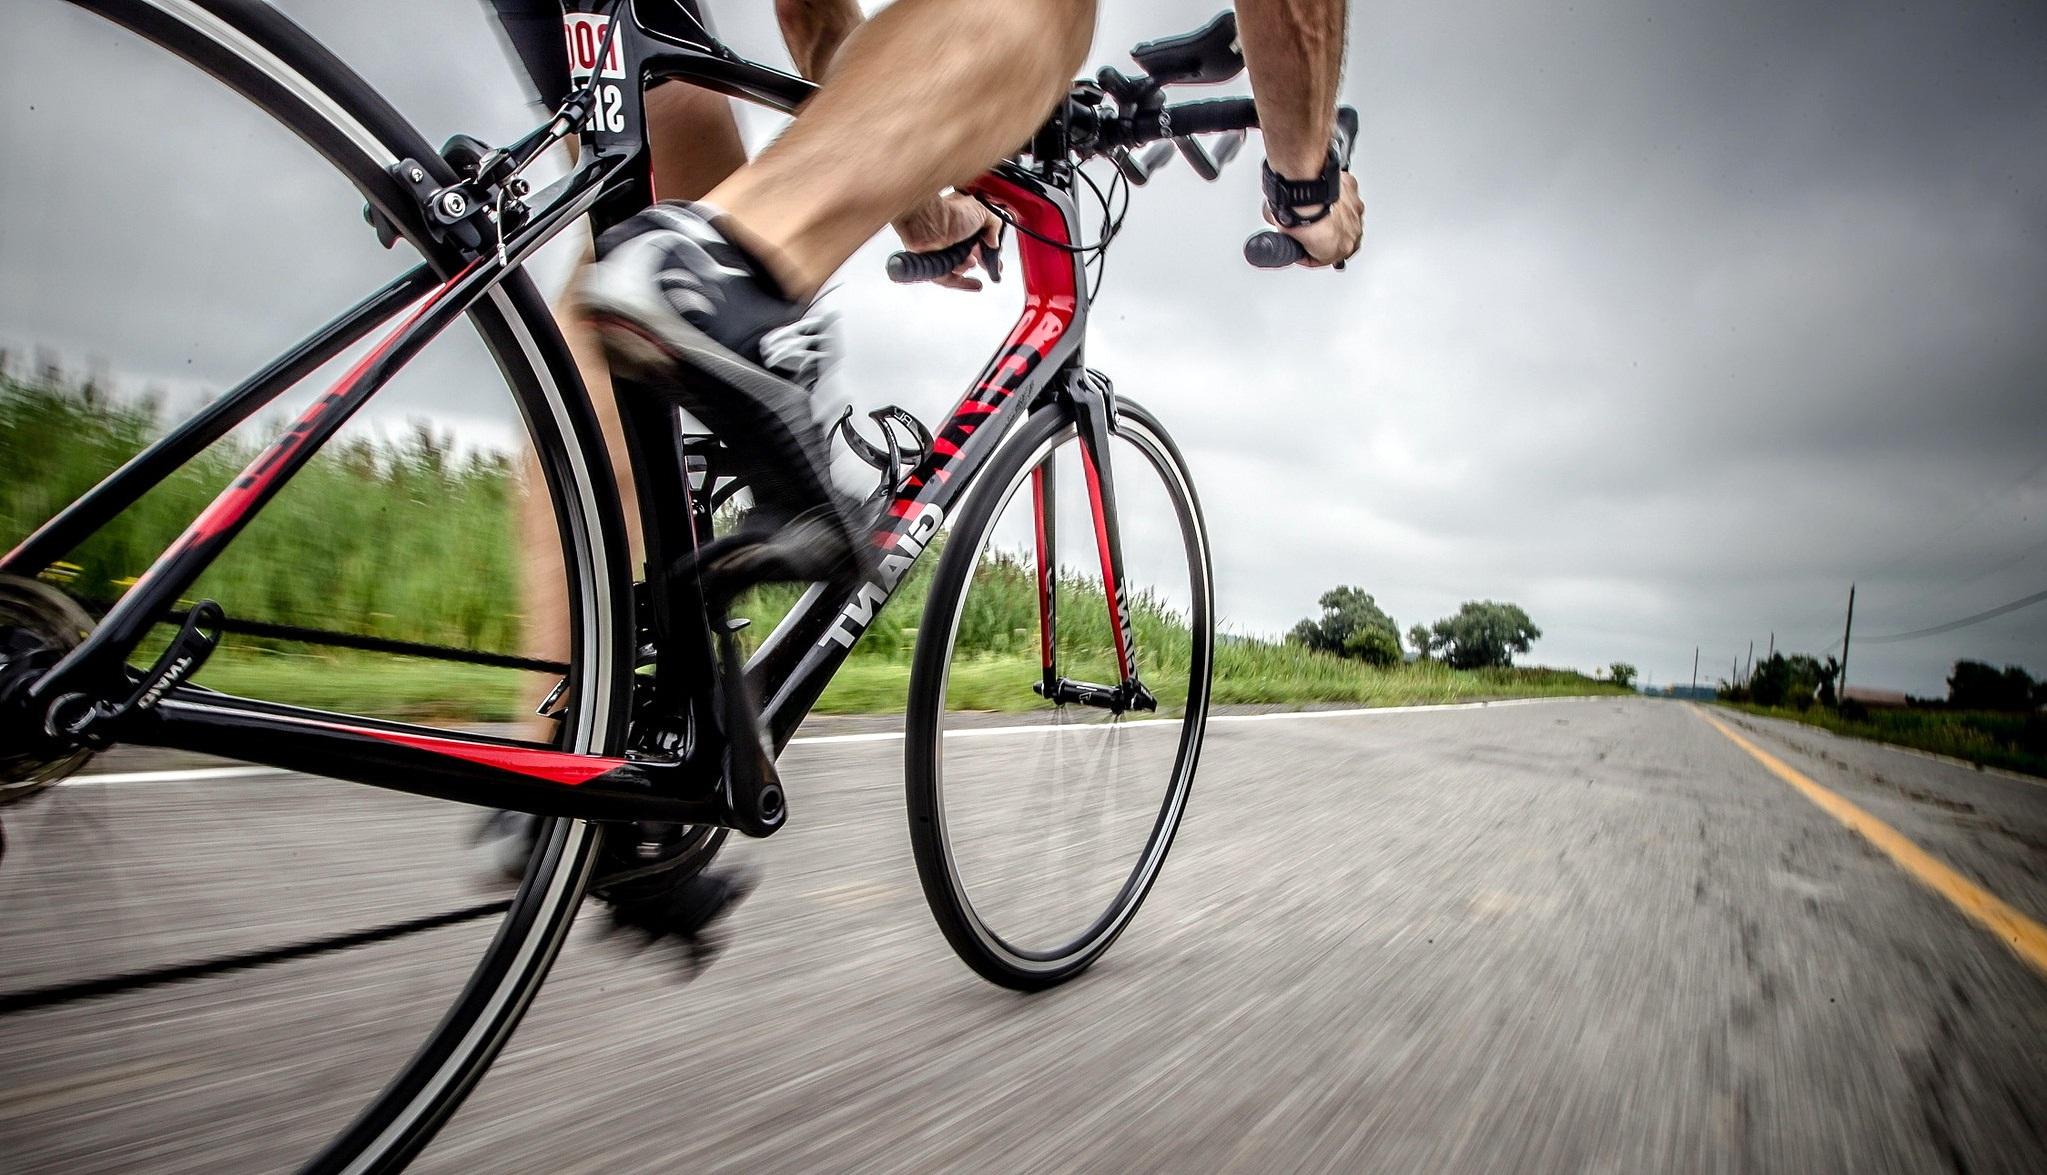 Велосипед - опасный вид спорта